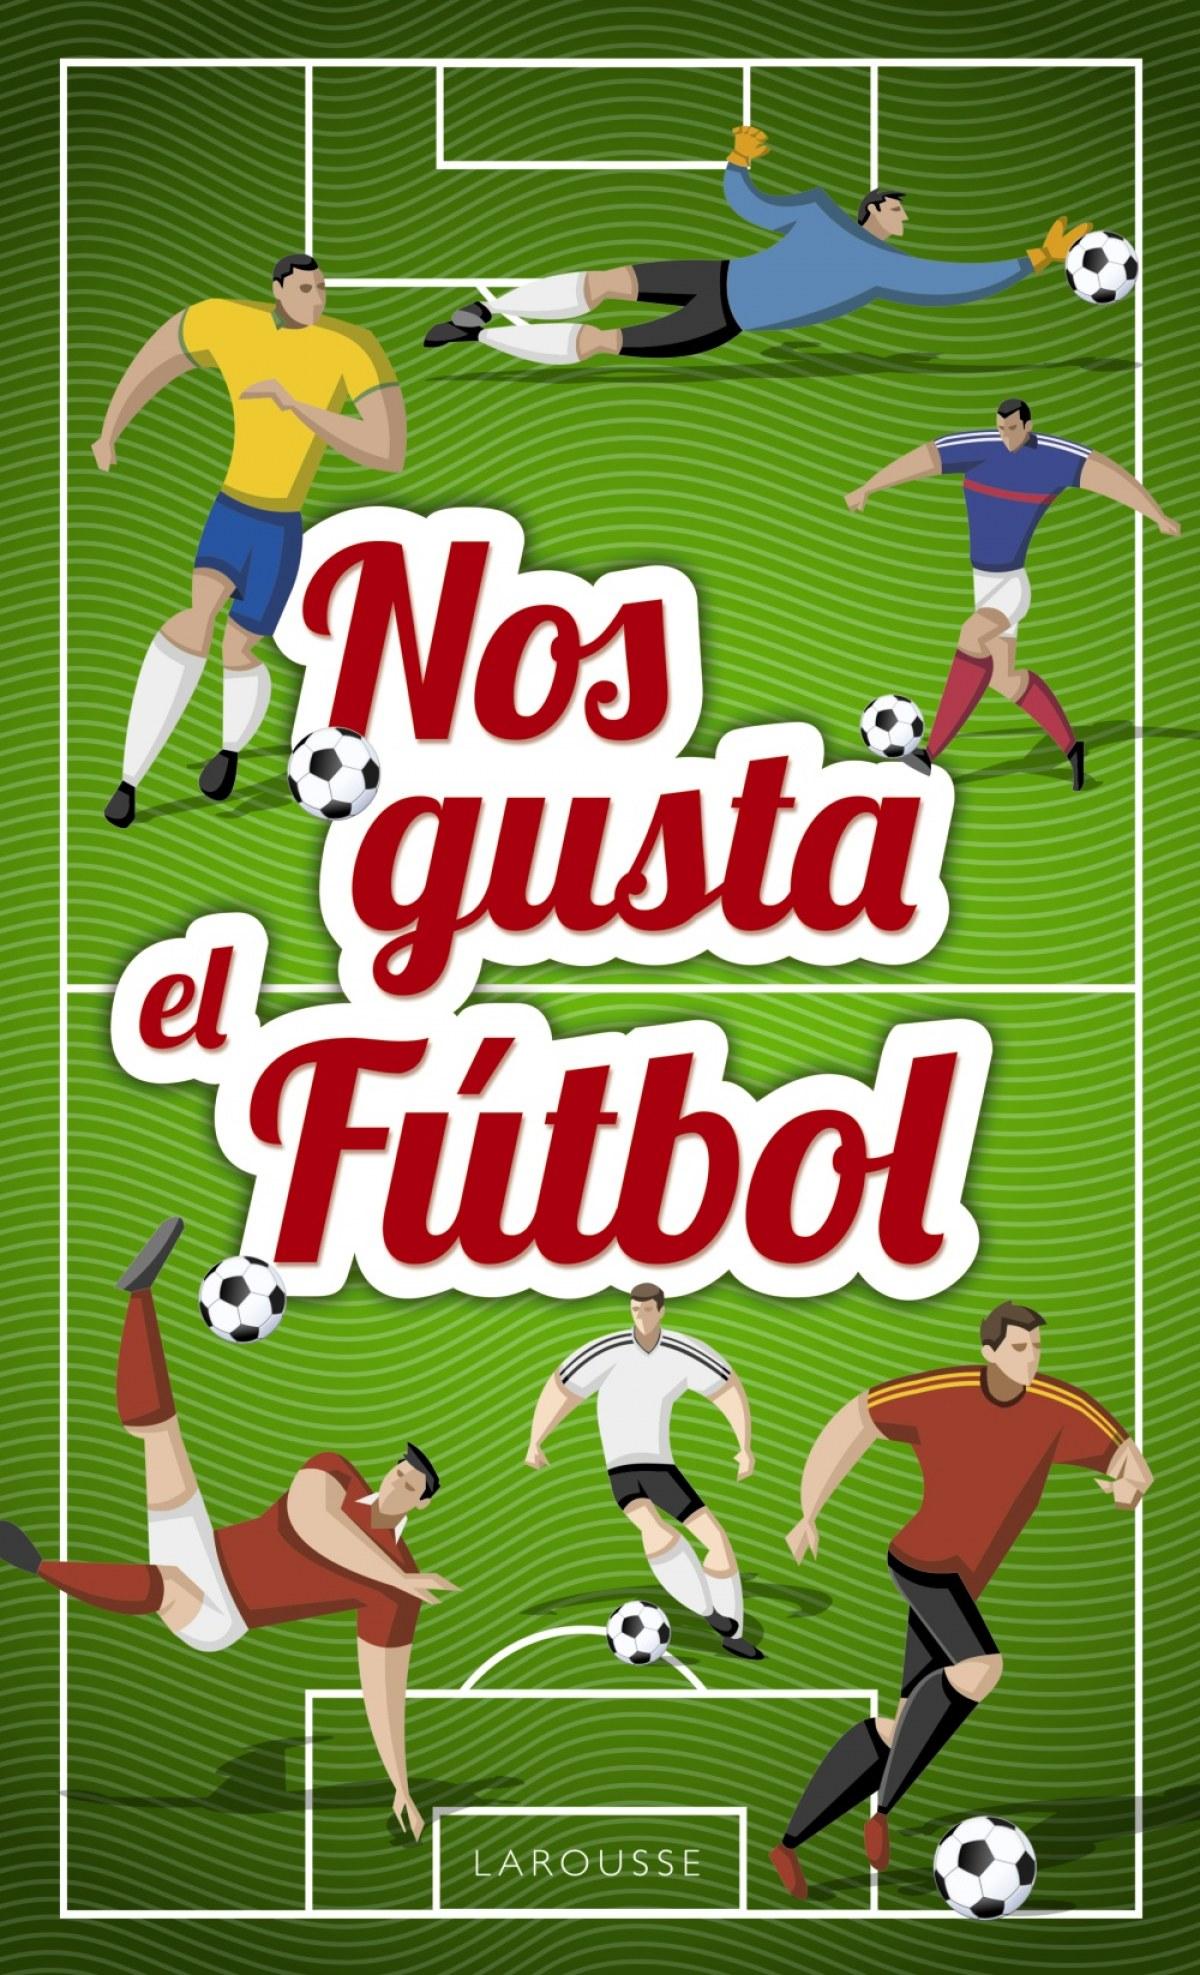 NOS GUSTA EL F+TBOL 9788417273026